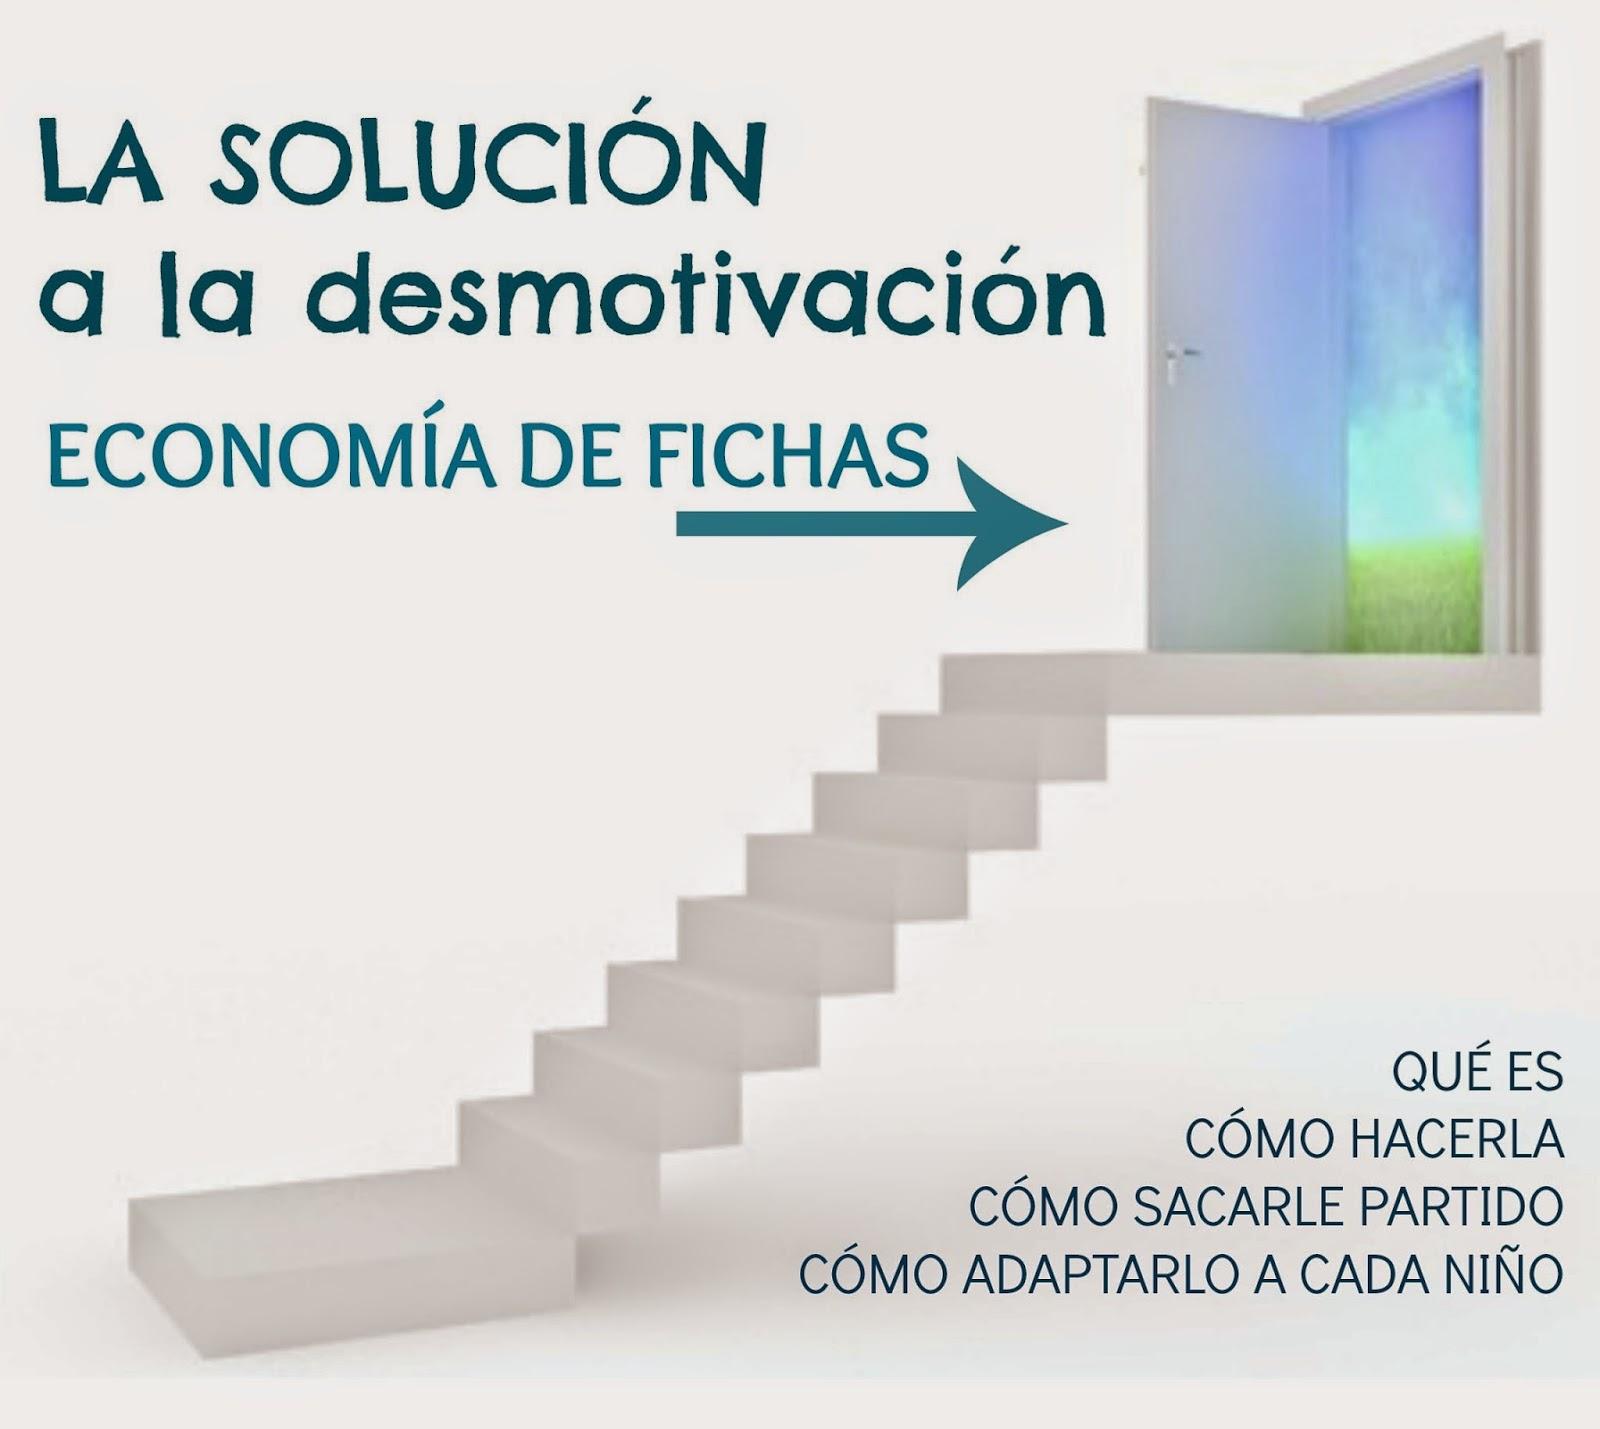 LA SOLUCIÓN A LA DESMOTIVACIÓN: ECONOMíA DE FICHAS